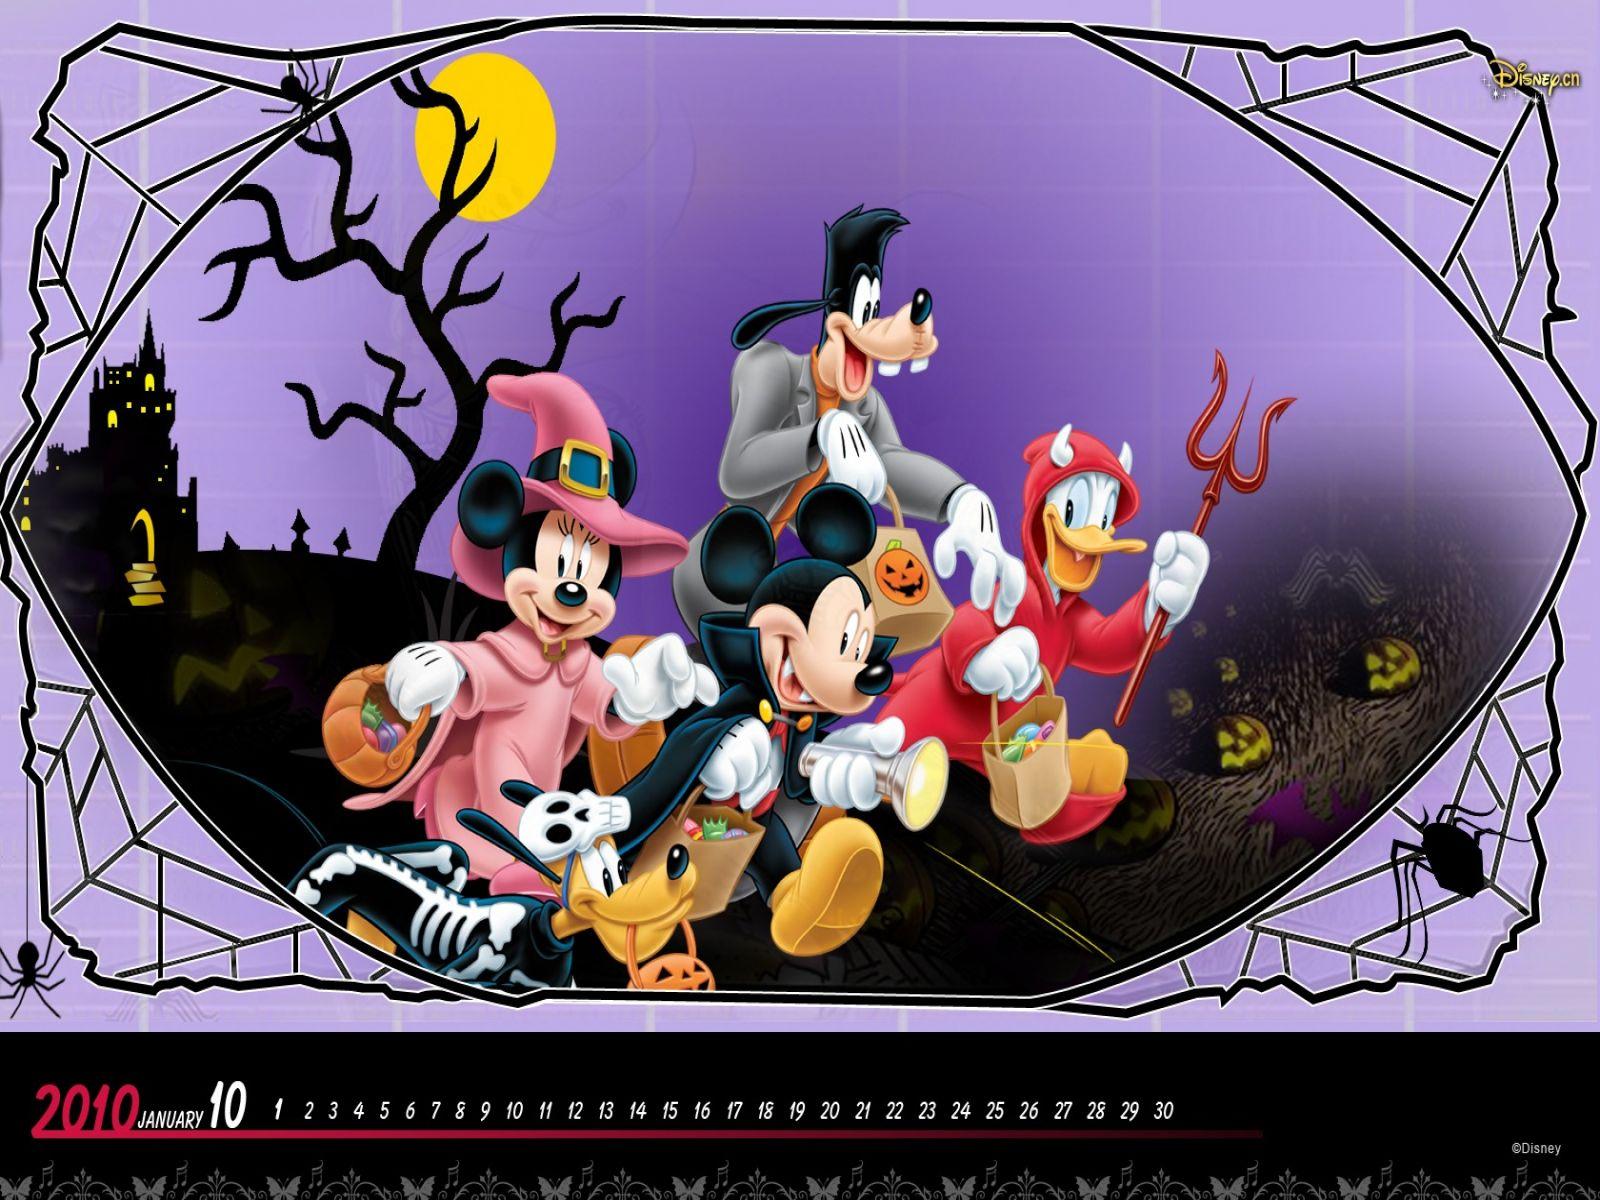 Animated Disney Wallpaper Desktop Wallpapersafari